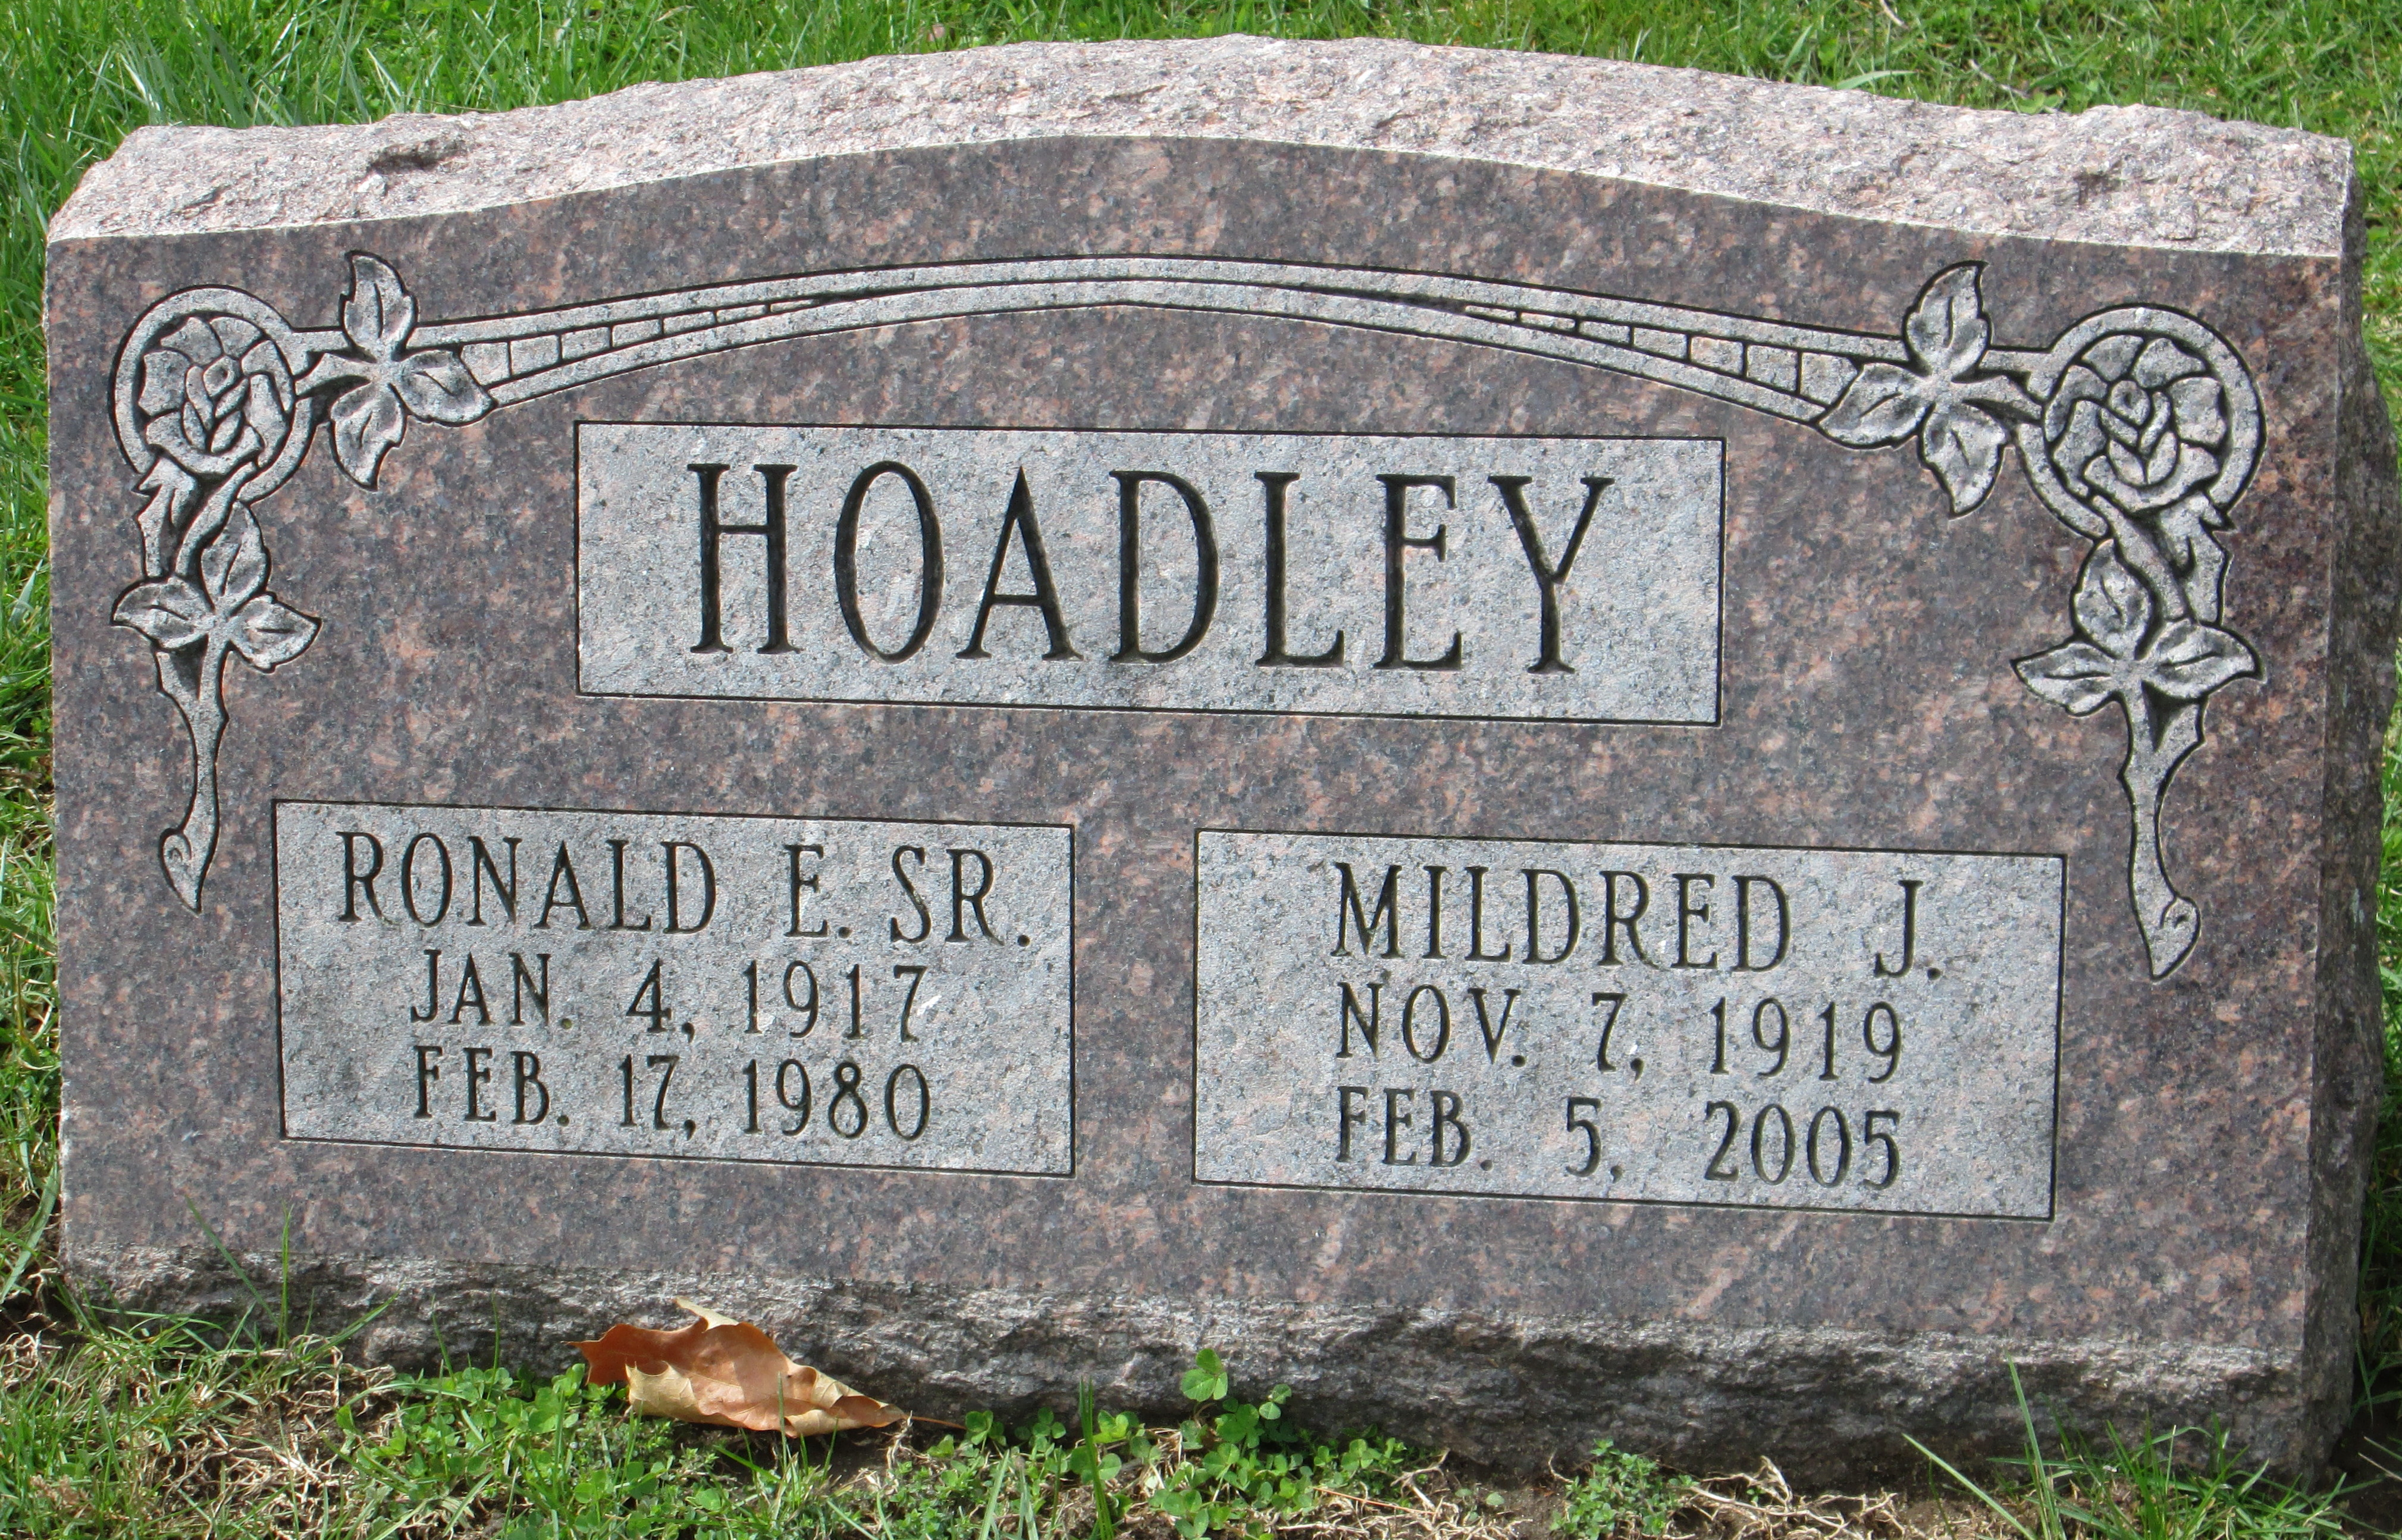 Ronald E. Hoadley, Sr